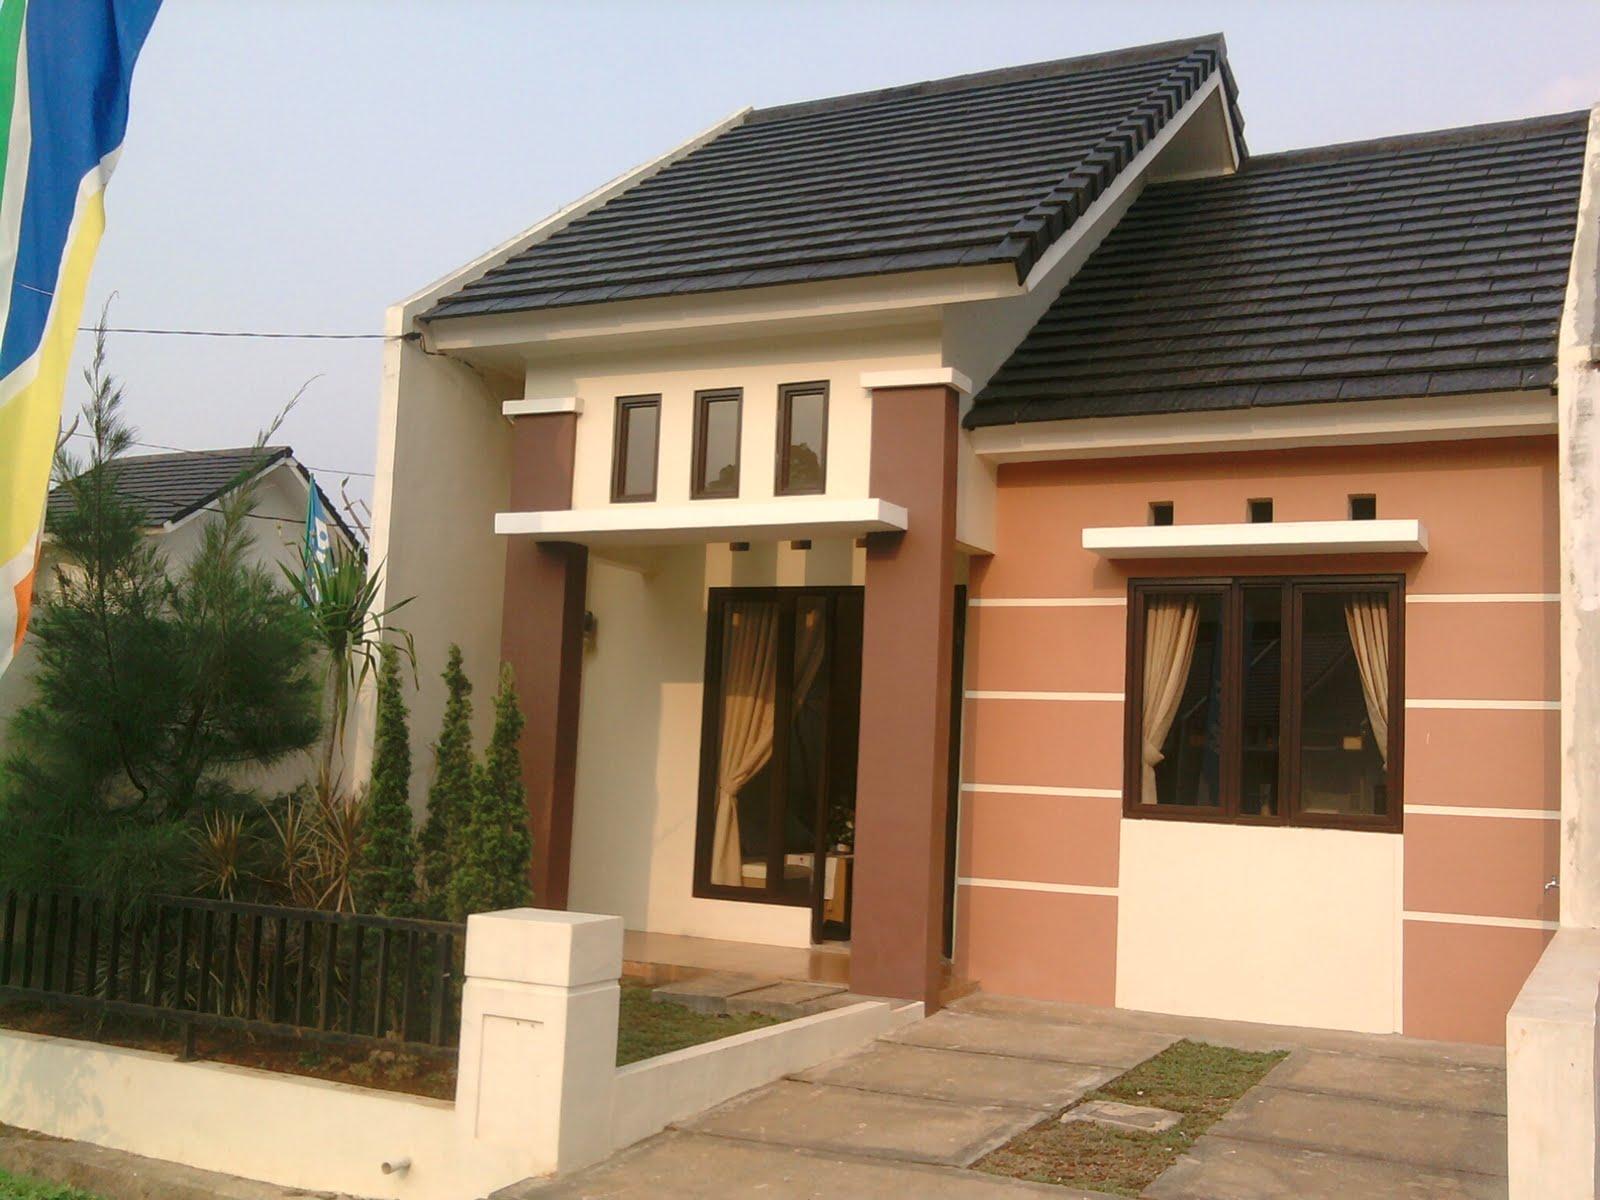 Desain Rumah Minimalis Type 36 - Rumah Minimalis